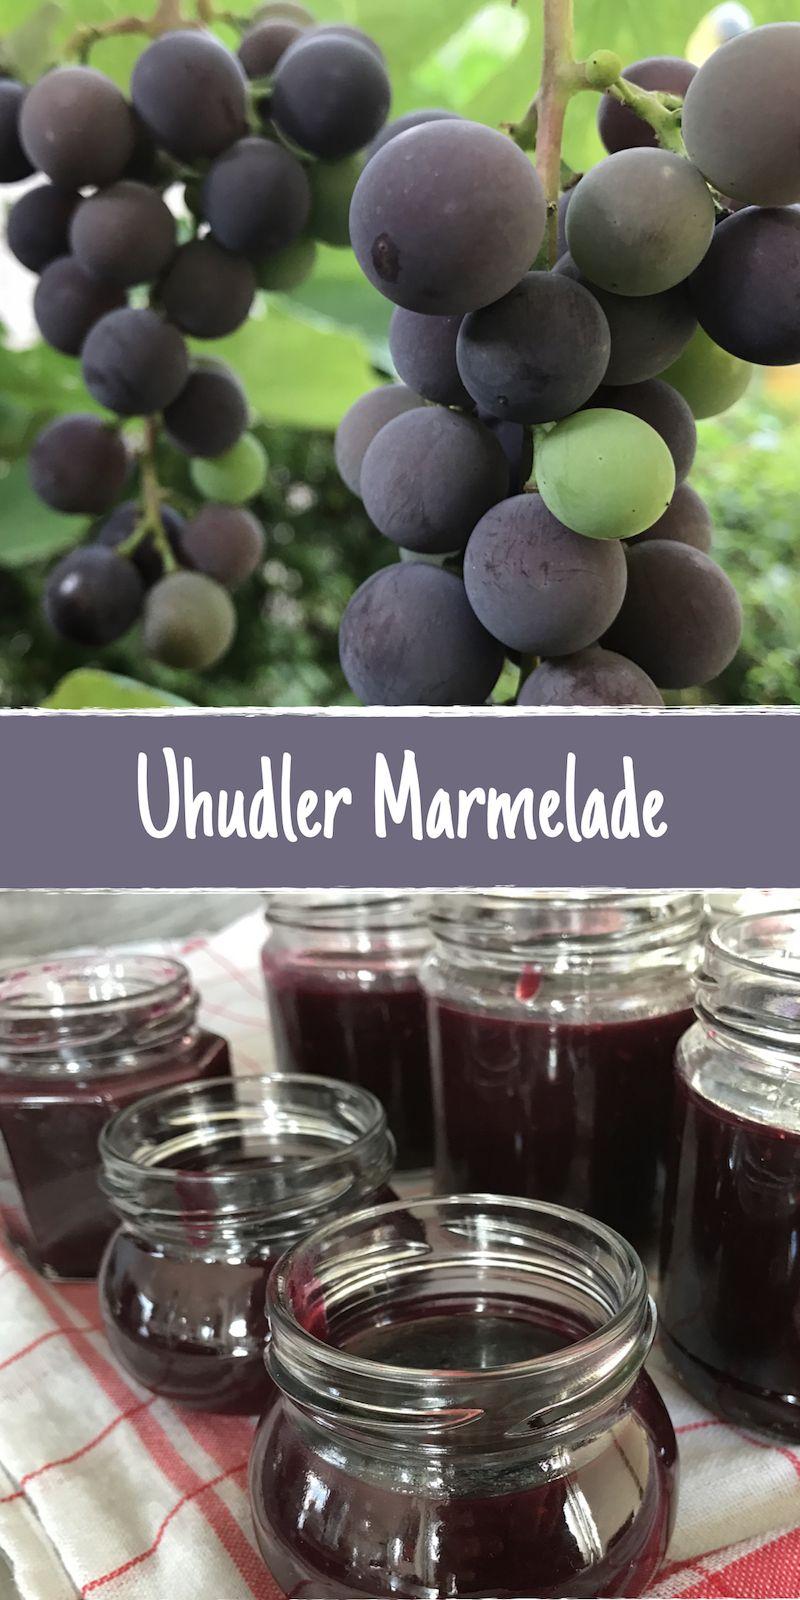 Uhudler Marmelade